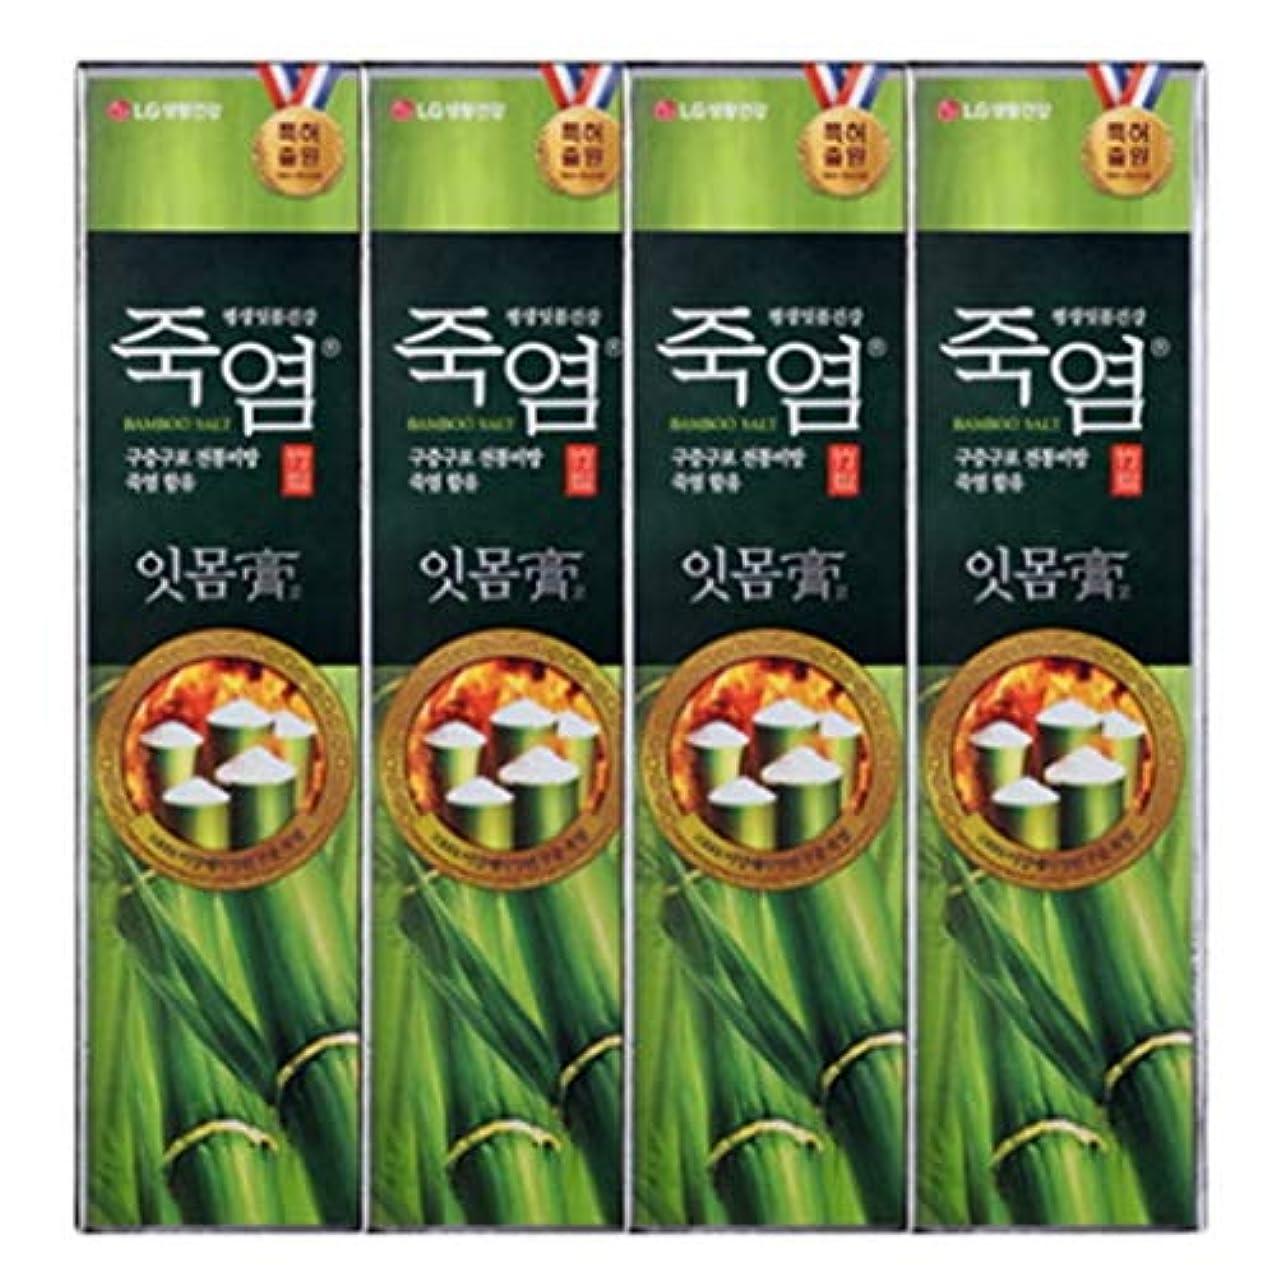 シャーロックホームズ復活する批判[LG Care/LG生活健康]竹塩歯磨き粉歯肉を健康に120g x4ea / 歯磨きセットスペシャル?リミテッドToothpaste Set Special Limited Korea(海外直送品)